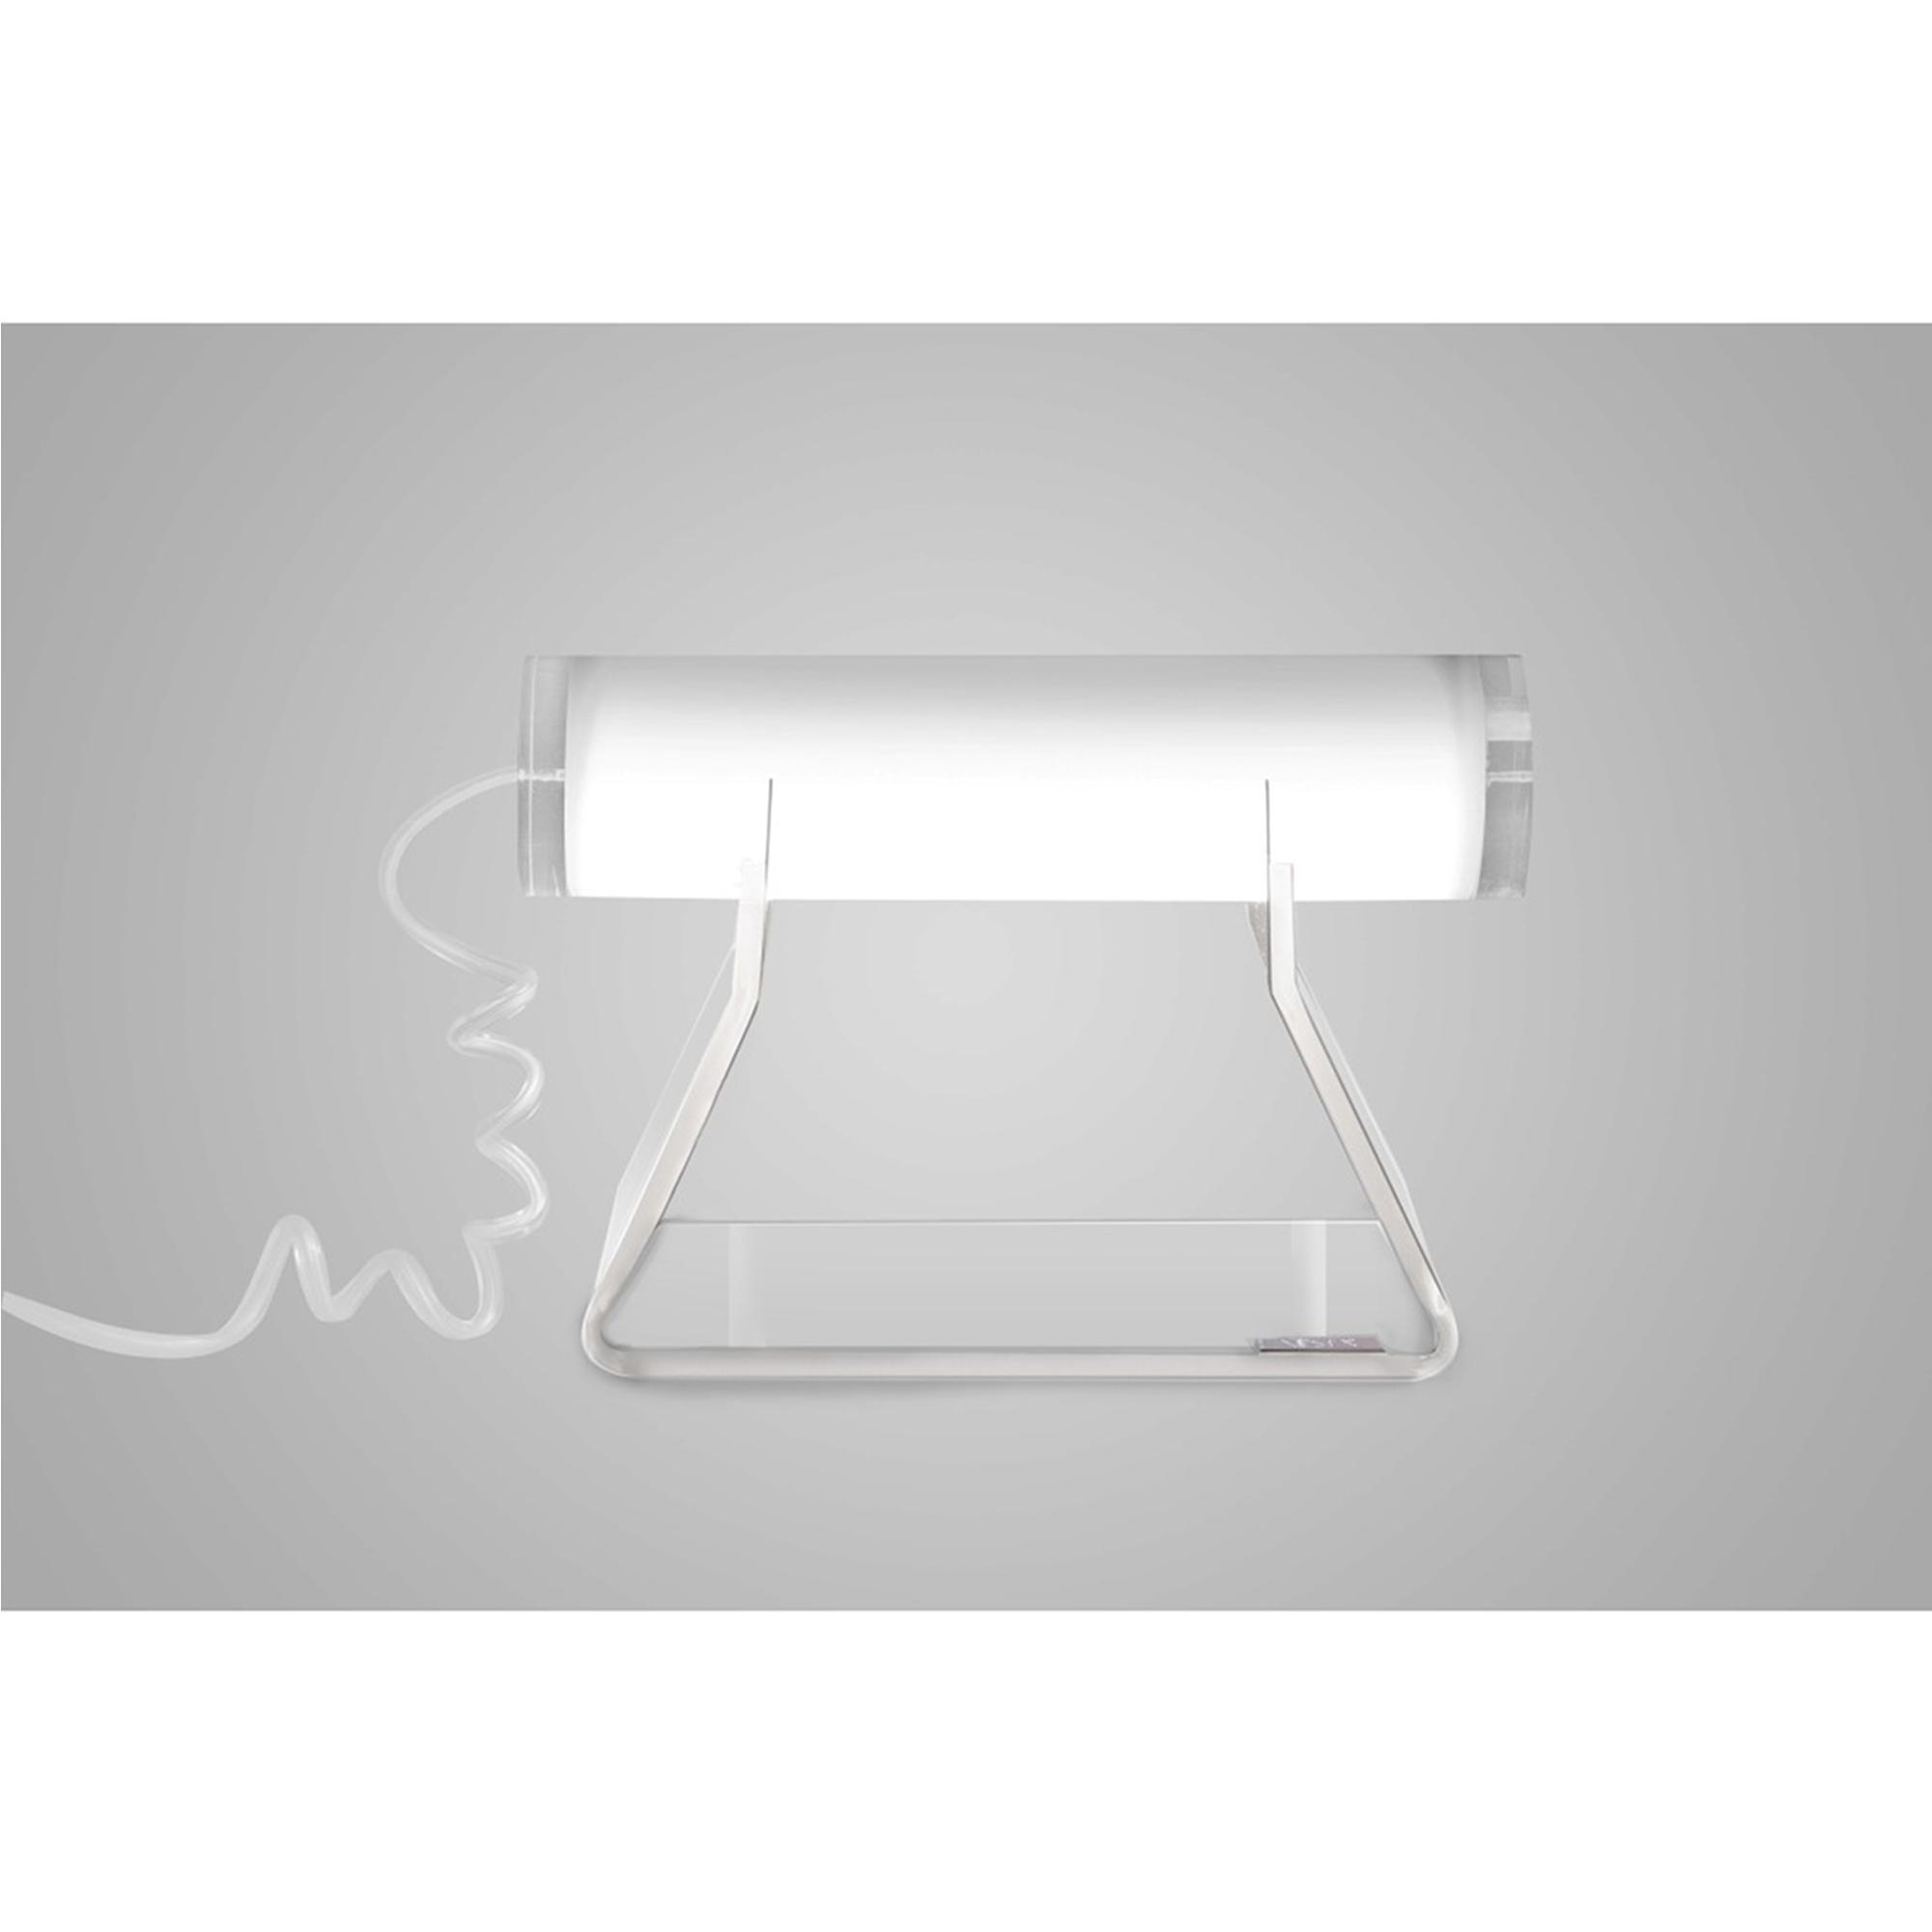 Lampada da tavolo Driin in cristallo acrilico 21x10xh14,5 cm colore telaio Trasparente lampada Bianco